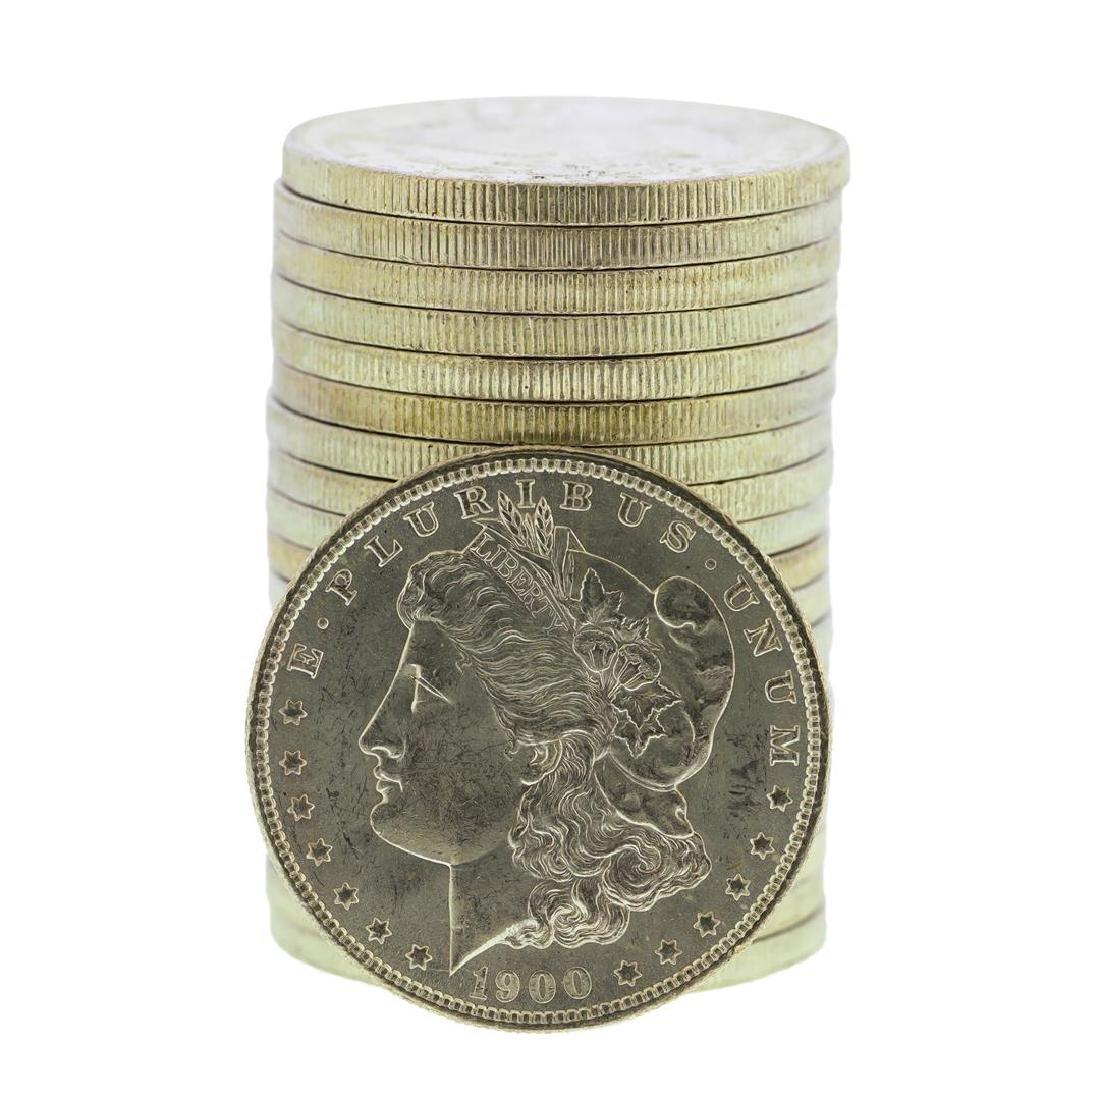 Roll of (20) Brilliant Uncirculated 1900-O $1 Morgan